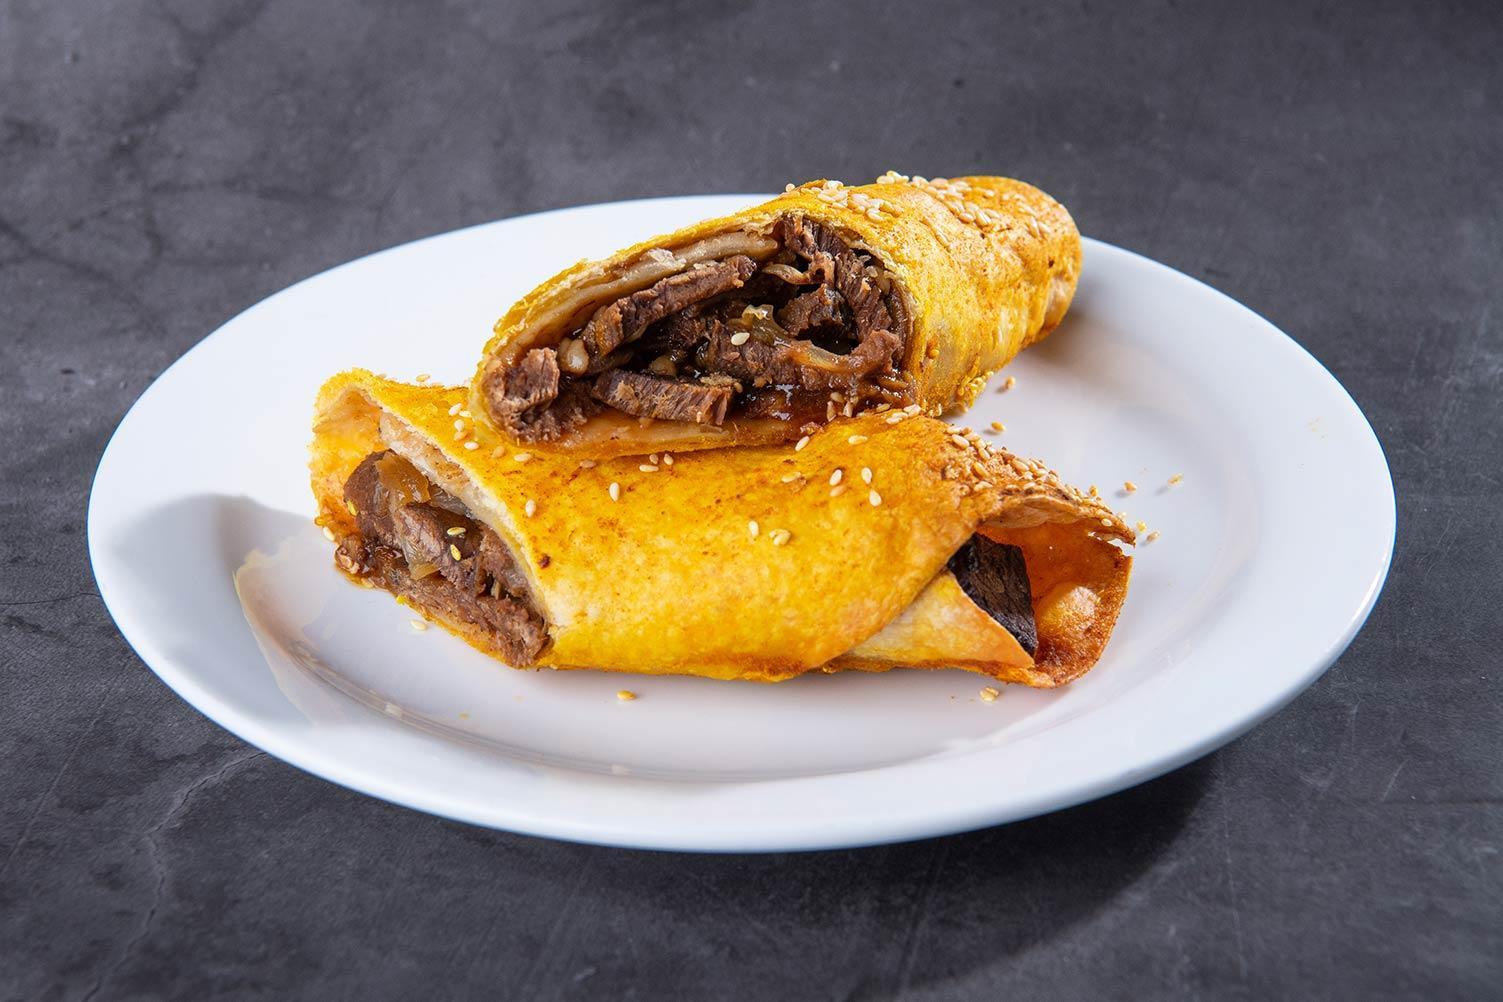 טורטיה ממולאת בשר , שירותי הסעדה למפעלים TryFoodies